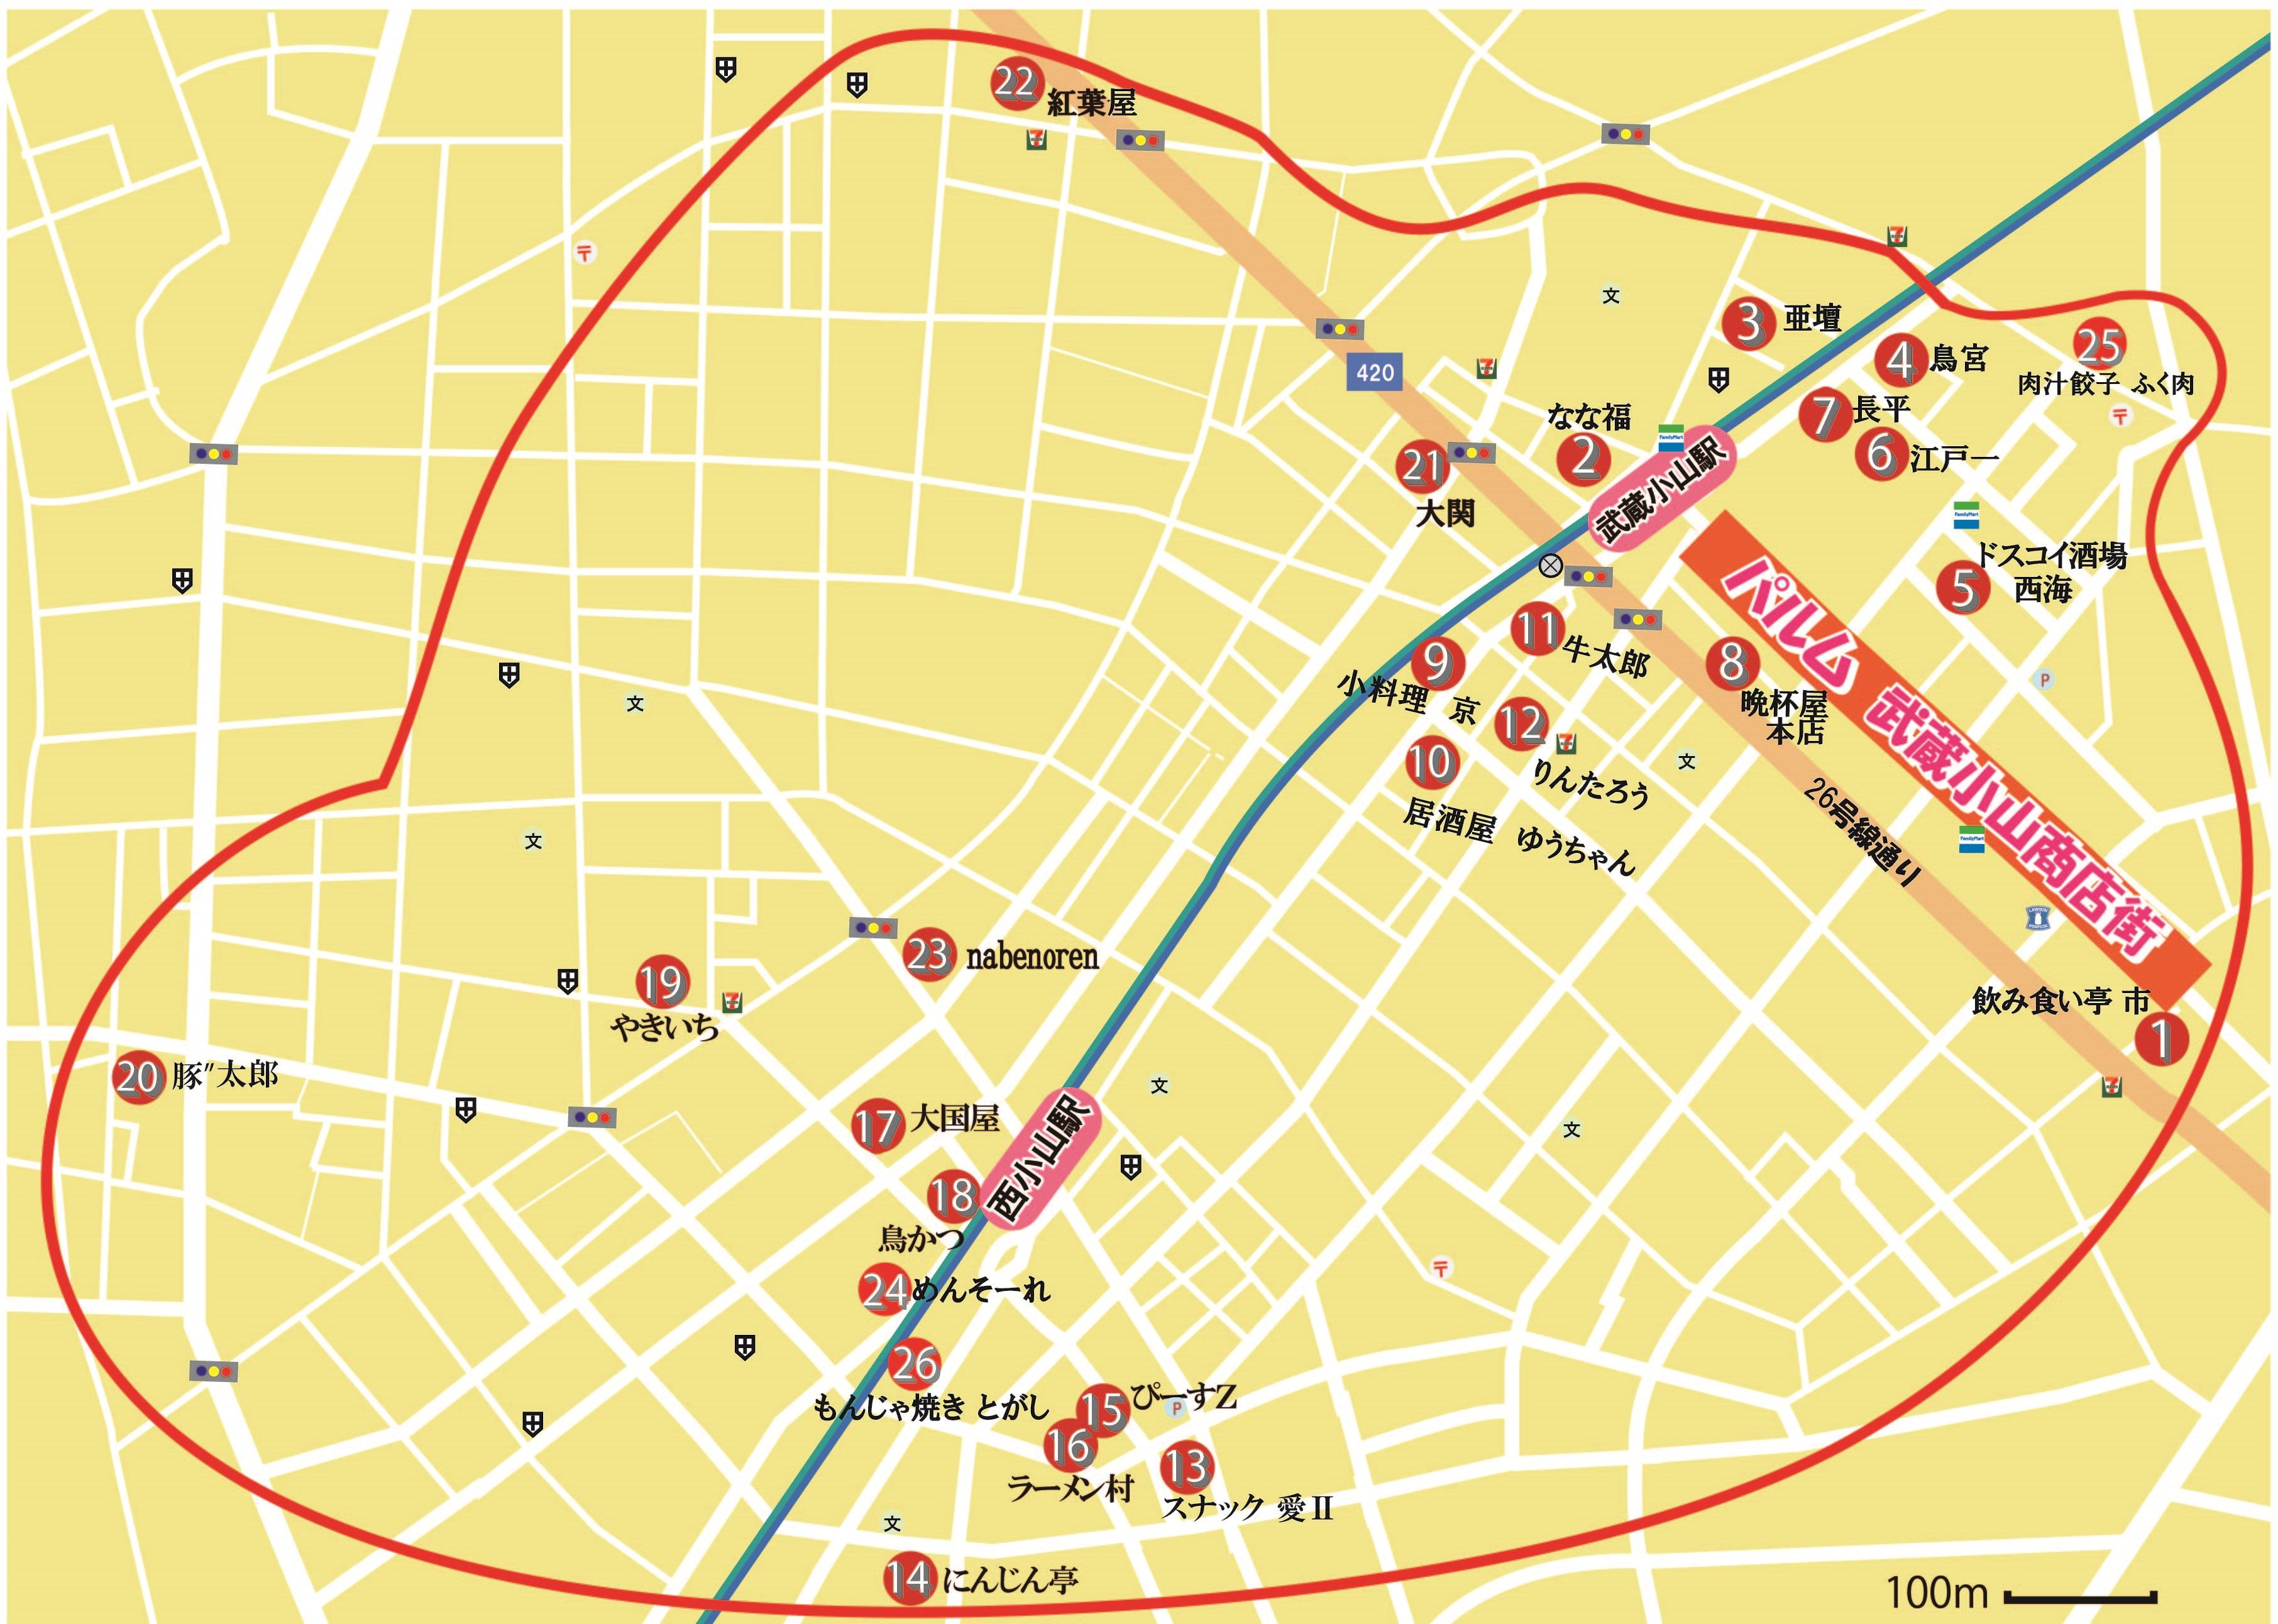 20161224_ハイサワー特区地図追加-01